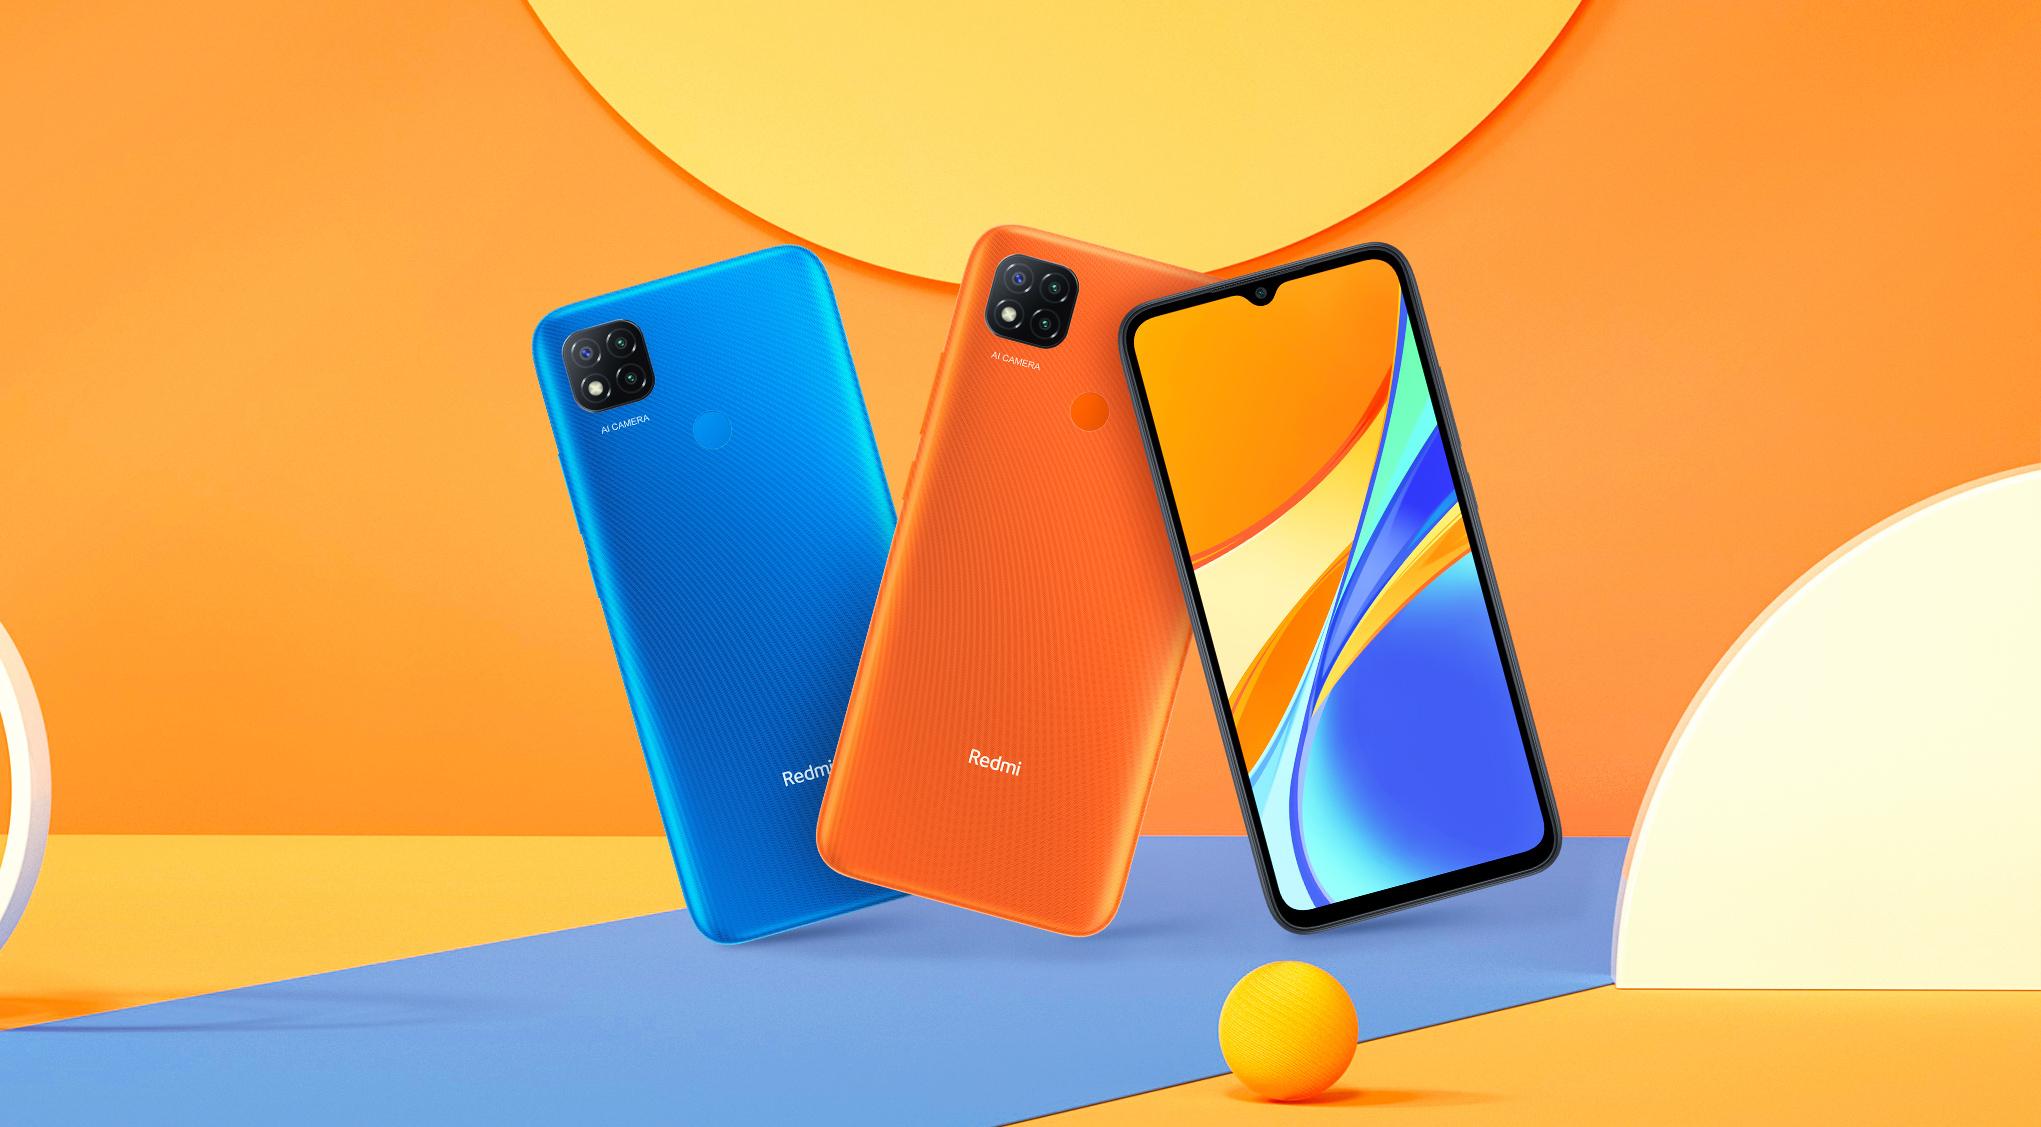 Este móvil Xiaomi cuesta sólo 99 euros en Amazon: tiene desbloqueo facial y más de 5.000 mAh de batería | Tecnología - ComputerHoy.com